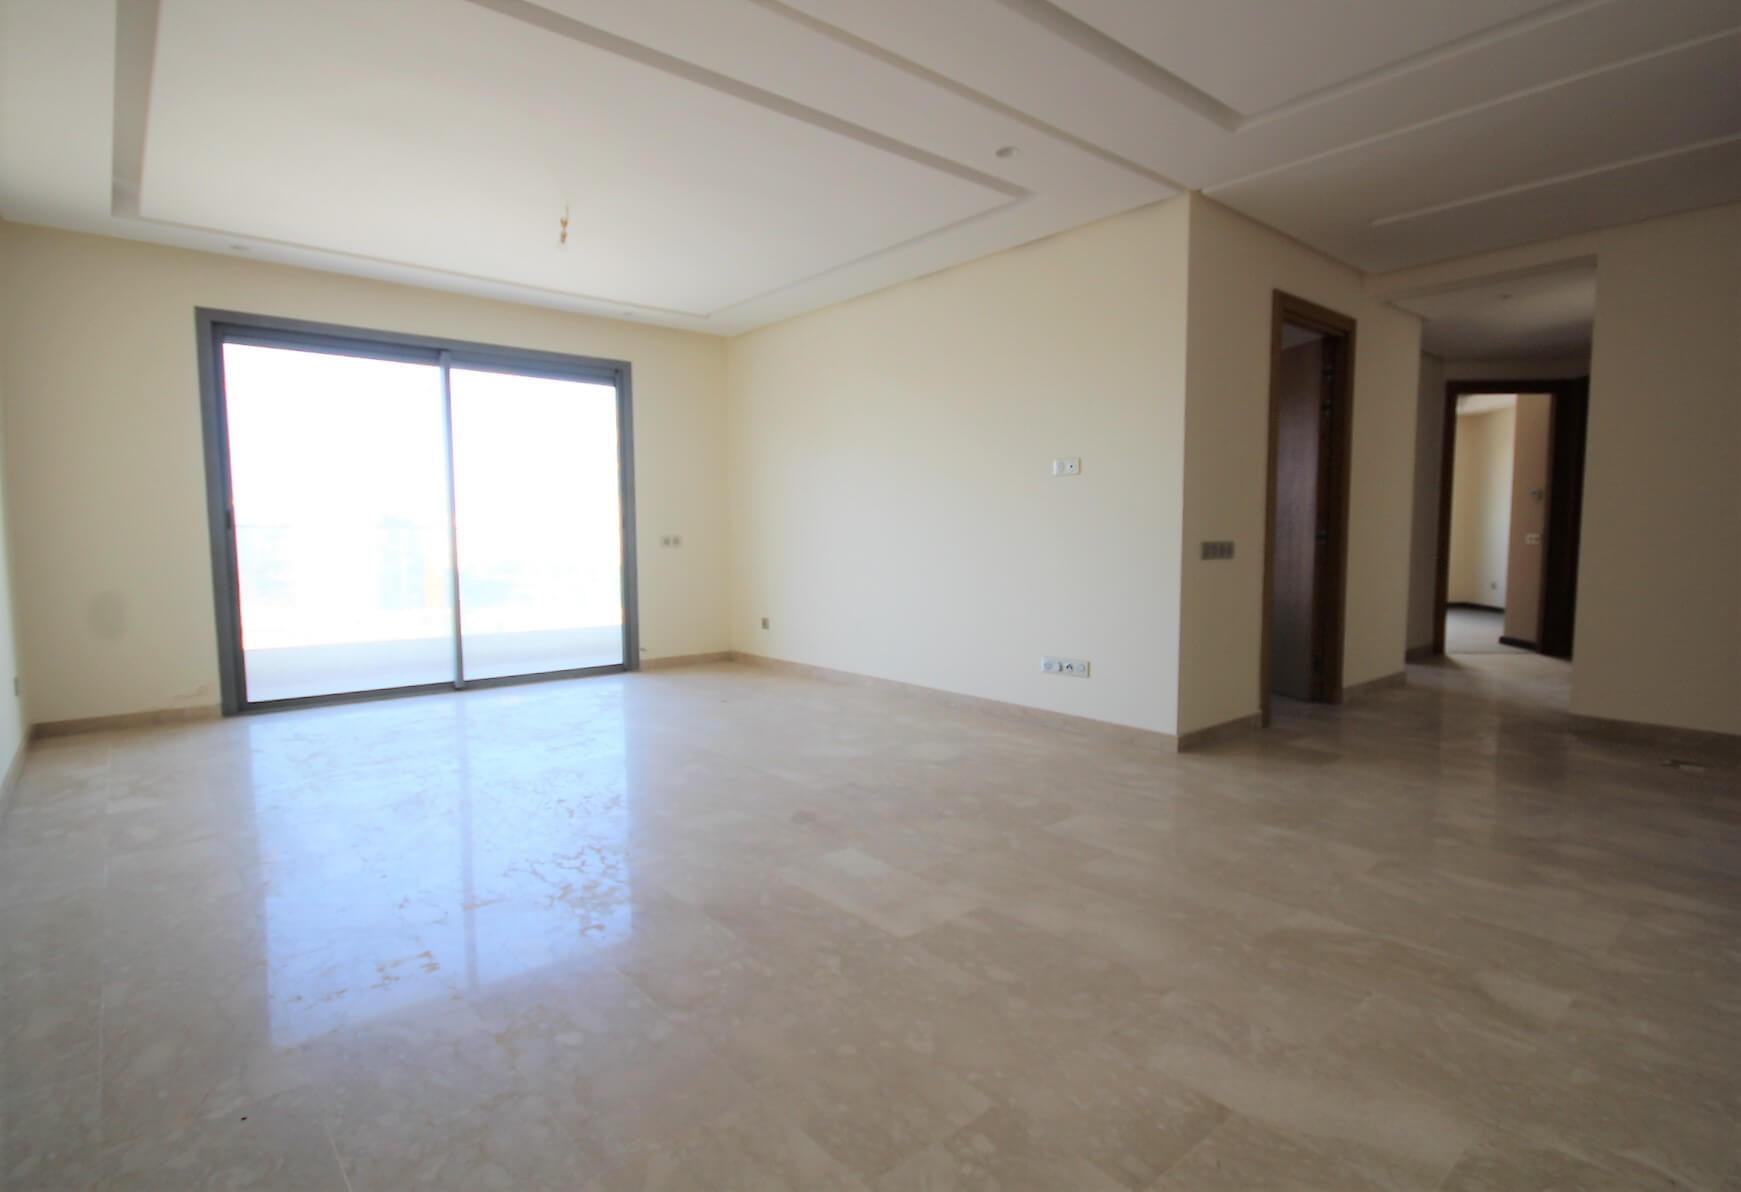 Casablanca, Bourgogne, vend appartement neuf de 3 chambres avec terrasse.